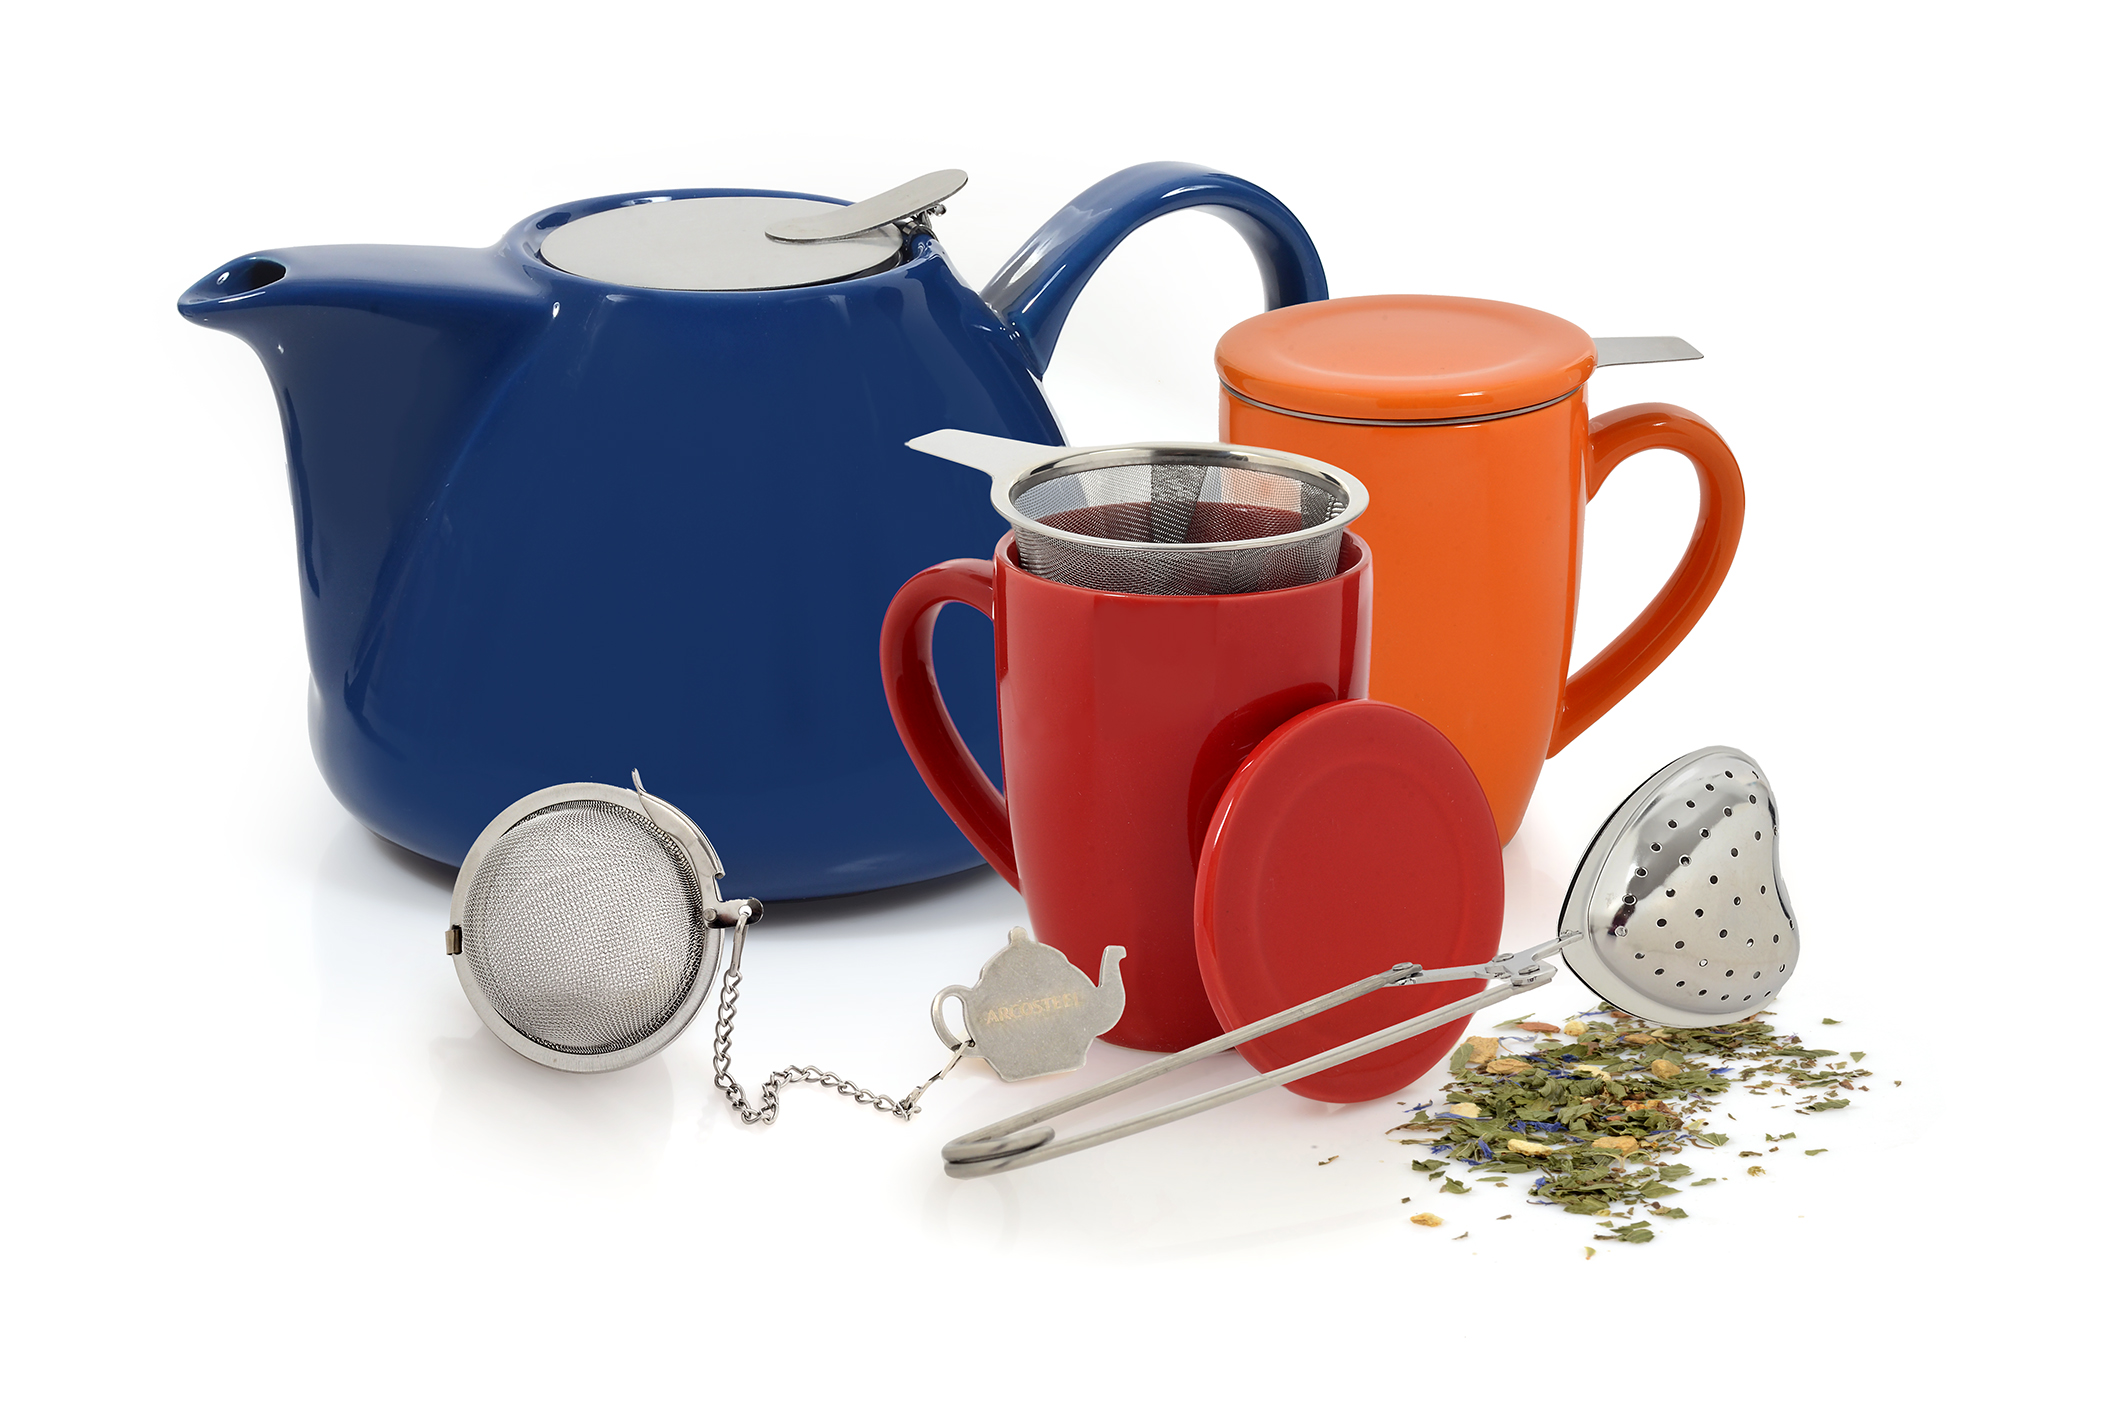 סדרת Tea for Two לחורף הכוללת קומקומים, ספלים ומסננות לתה. מחירים 19-199 שח. להשיג ברשת Arcosteel Kitchen. צילום אפרת אשל